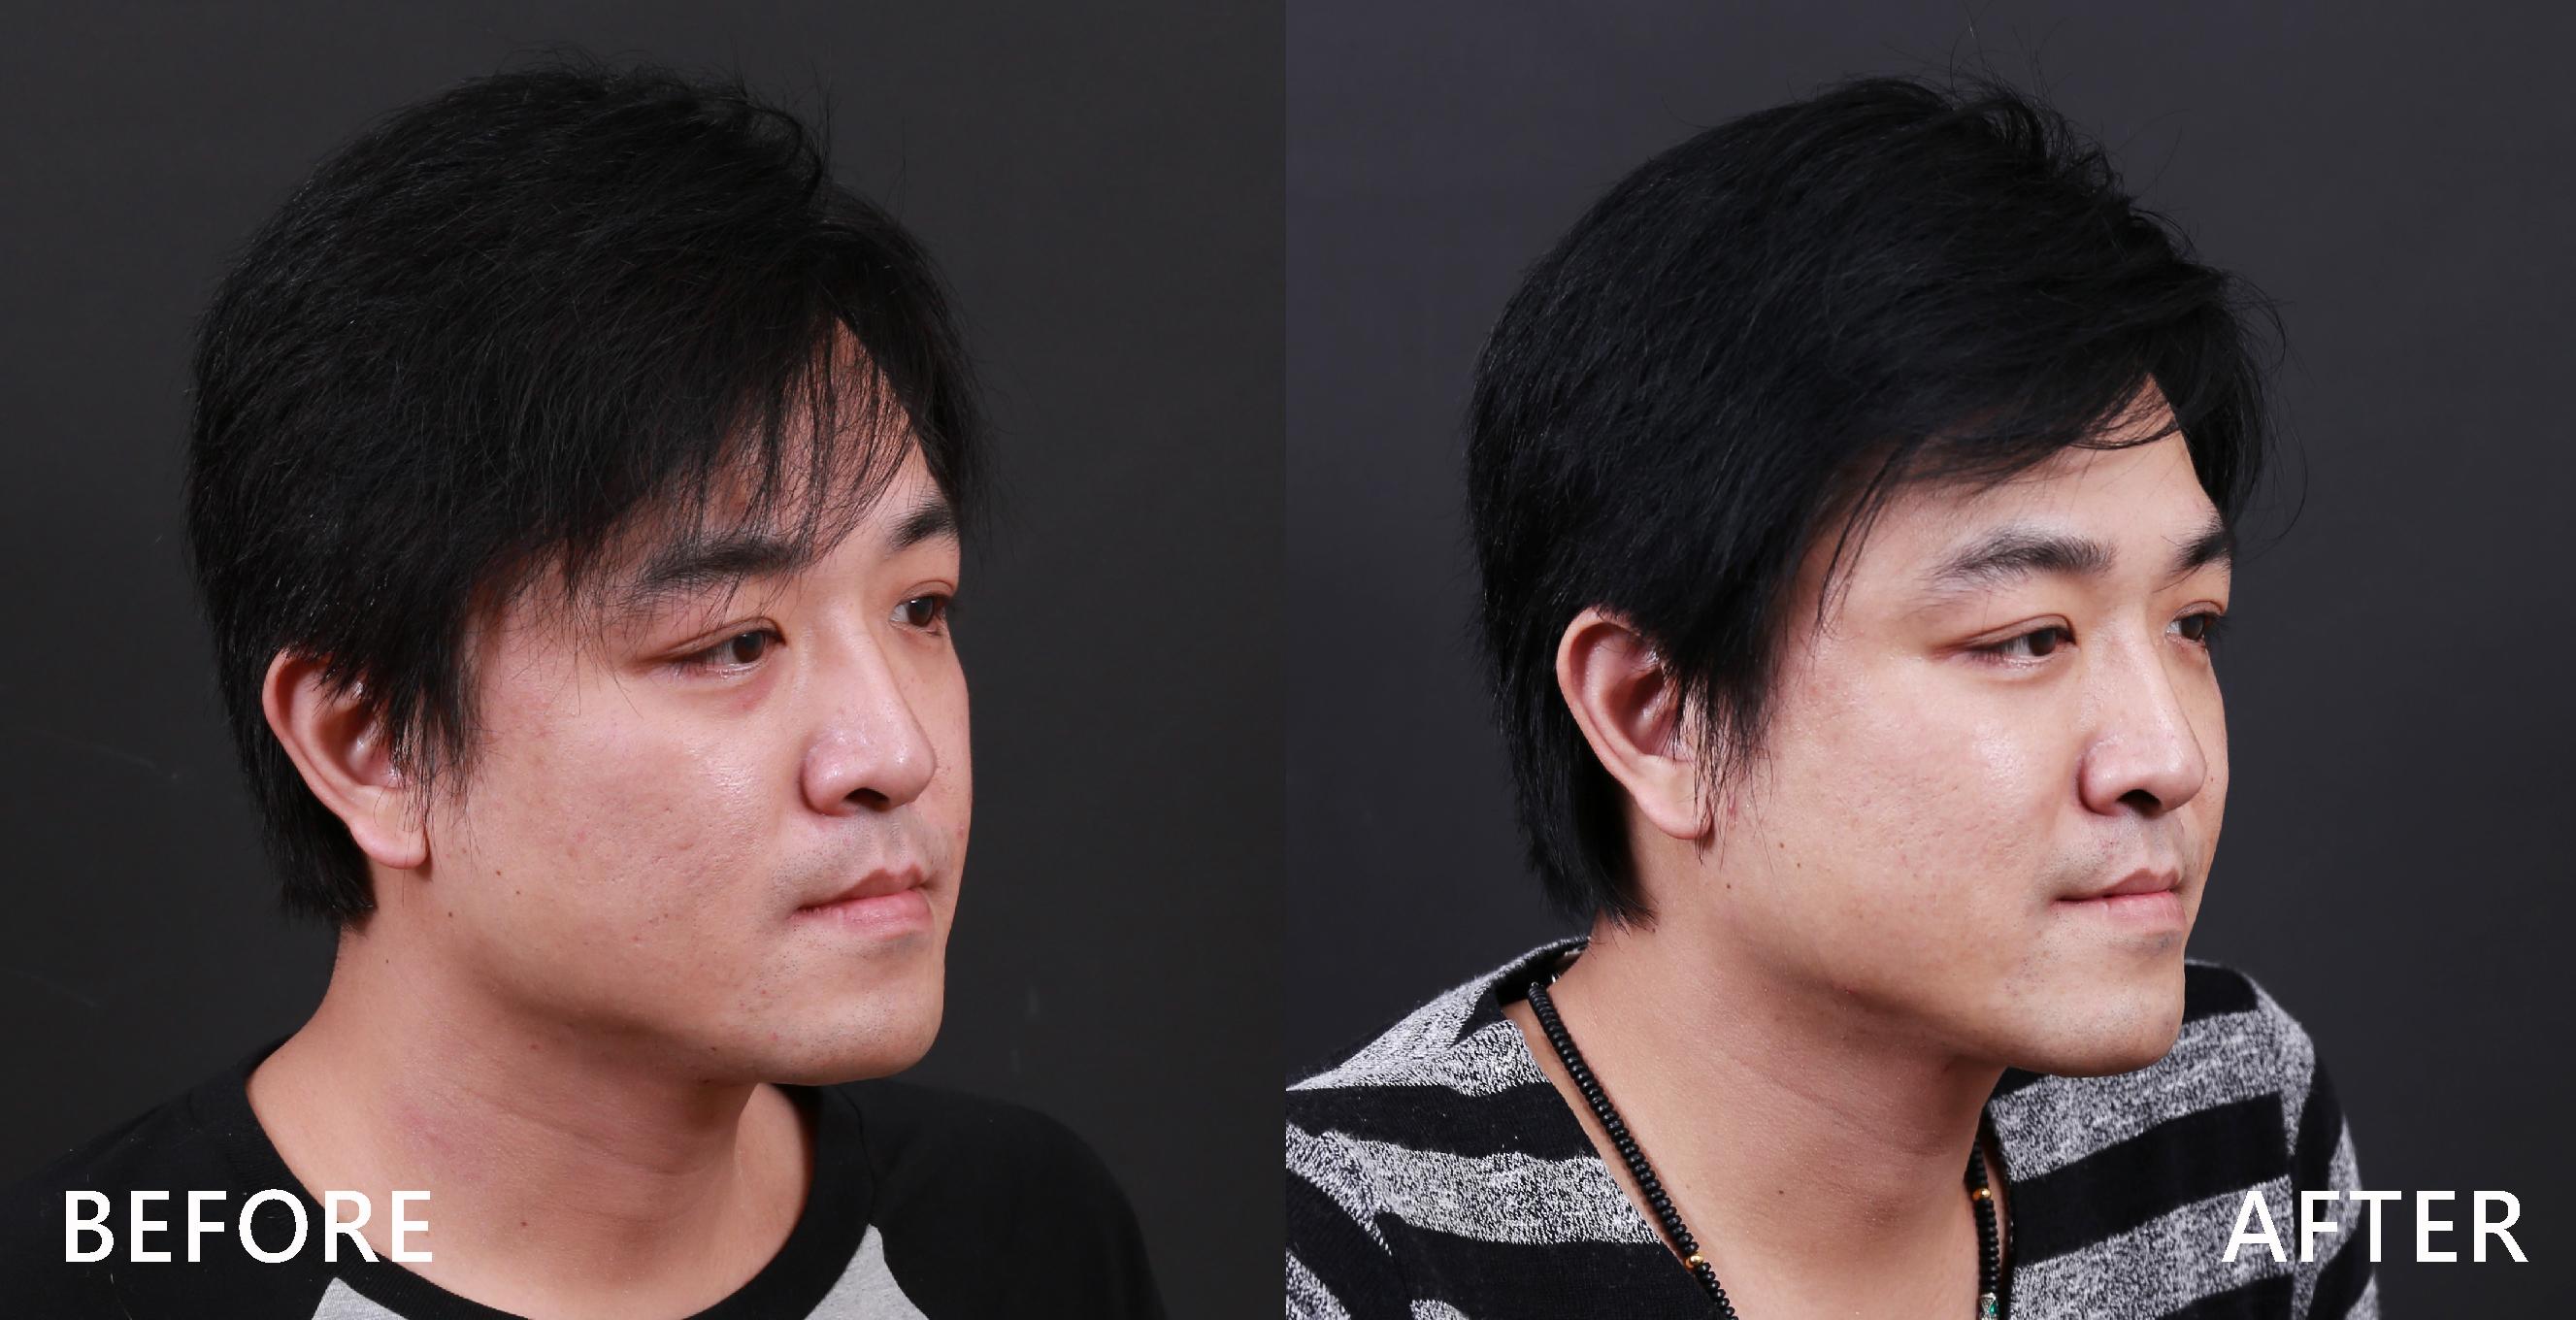 治療雙下巴,修飾臉週線條。(本療程施打效果因人而異)